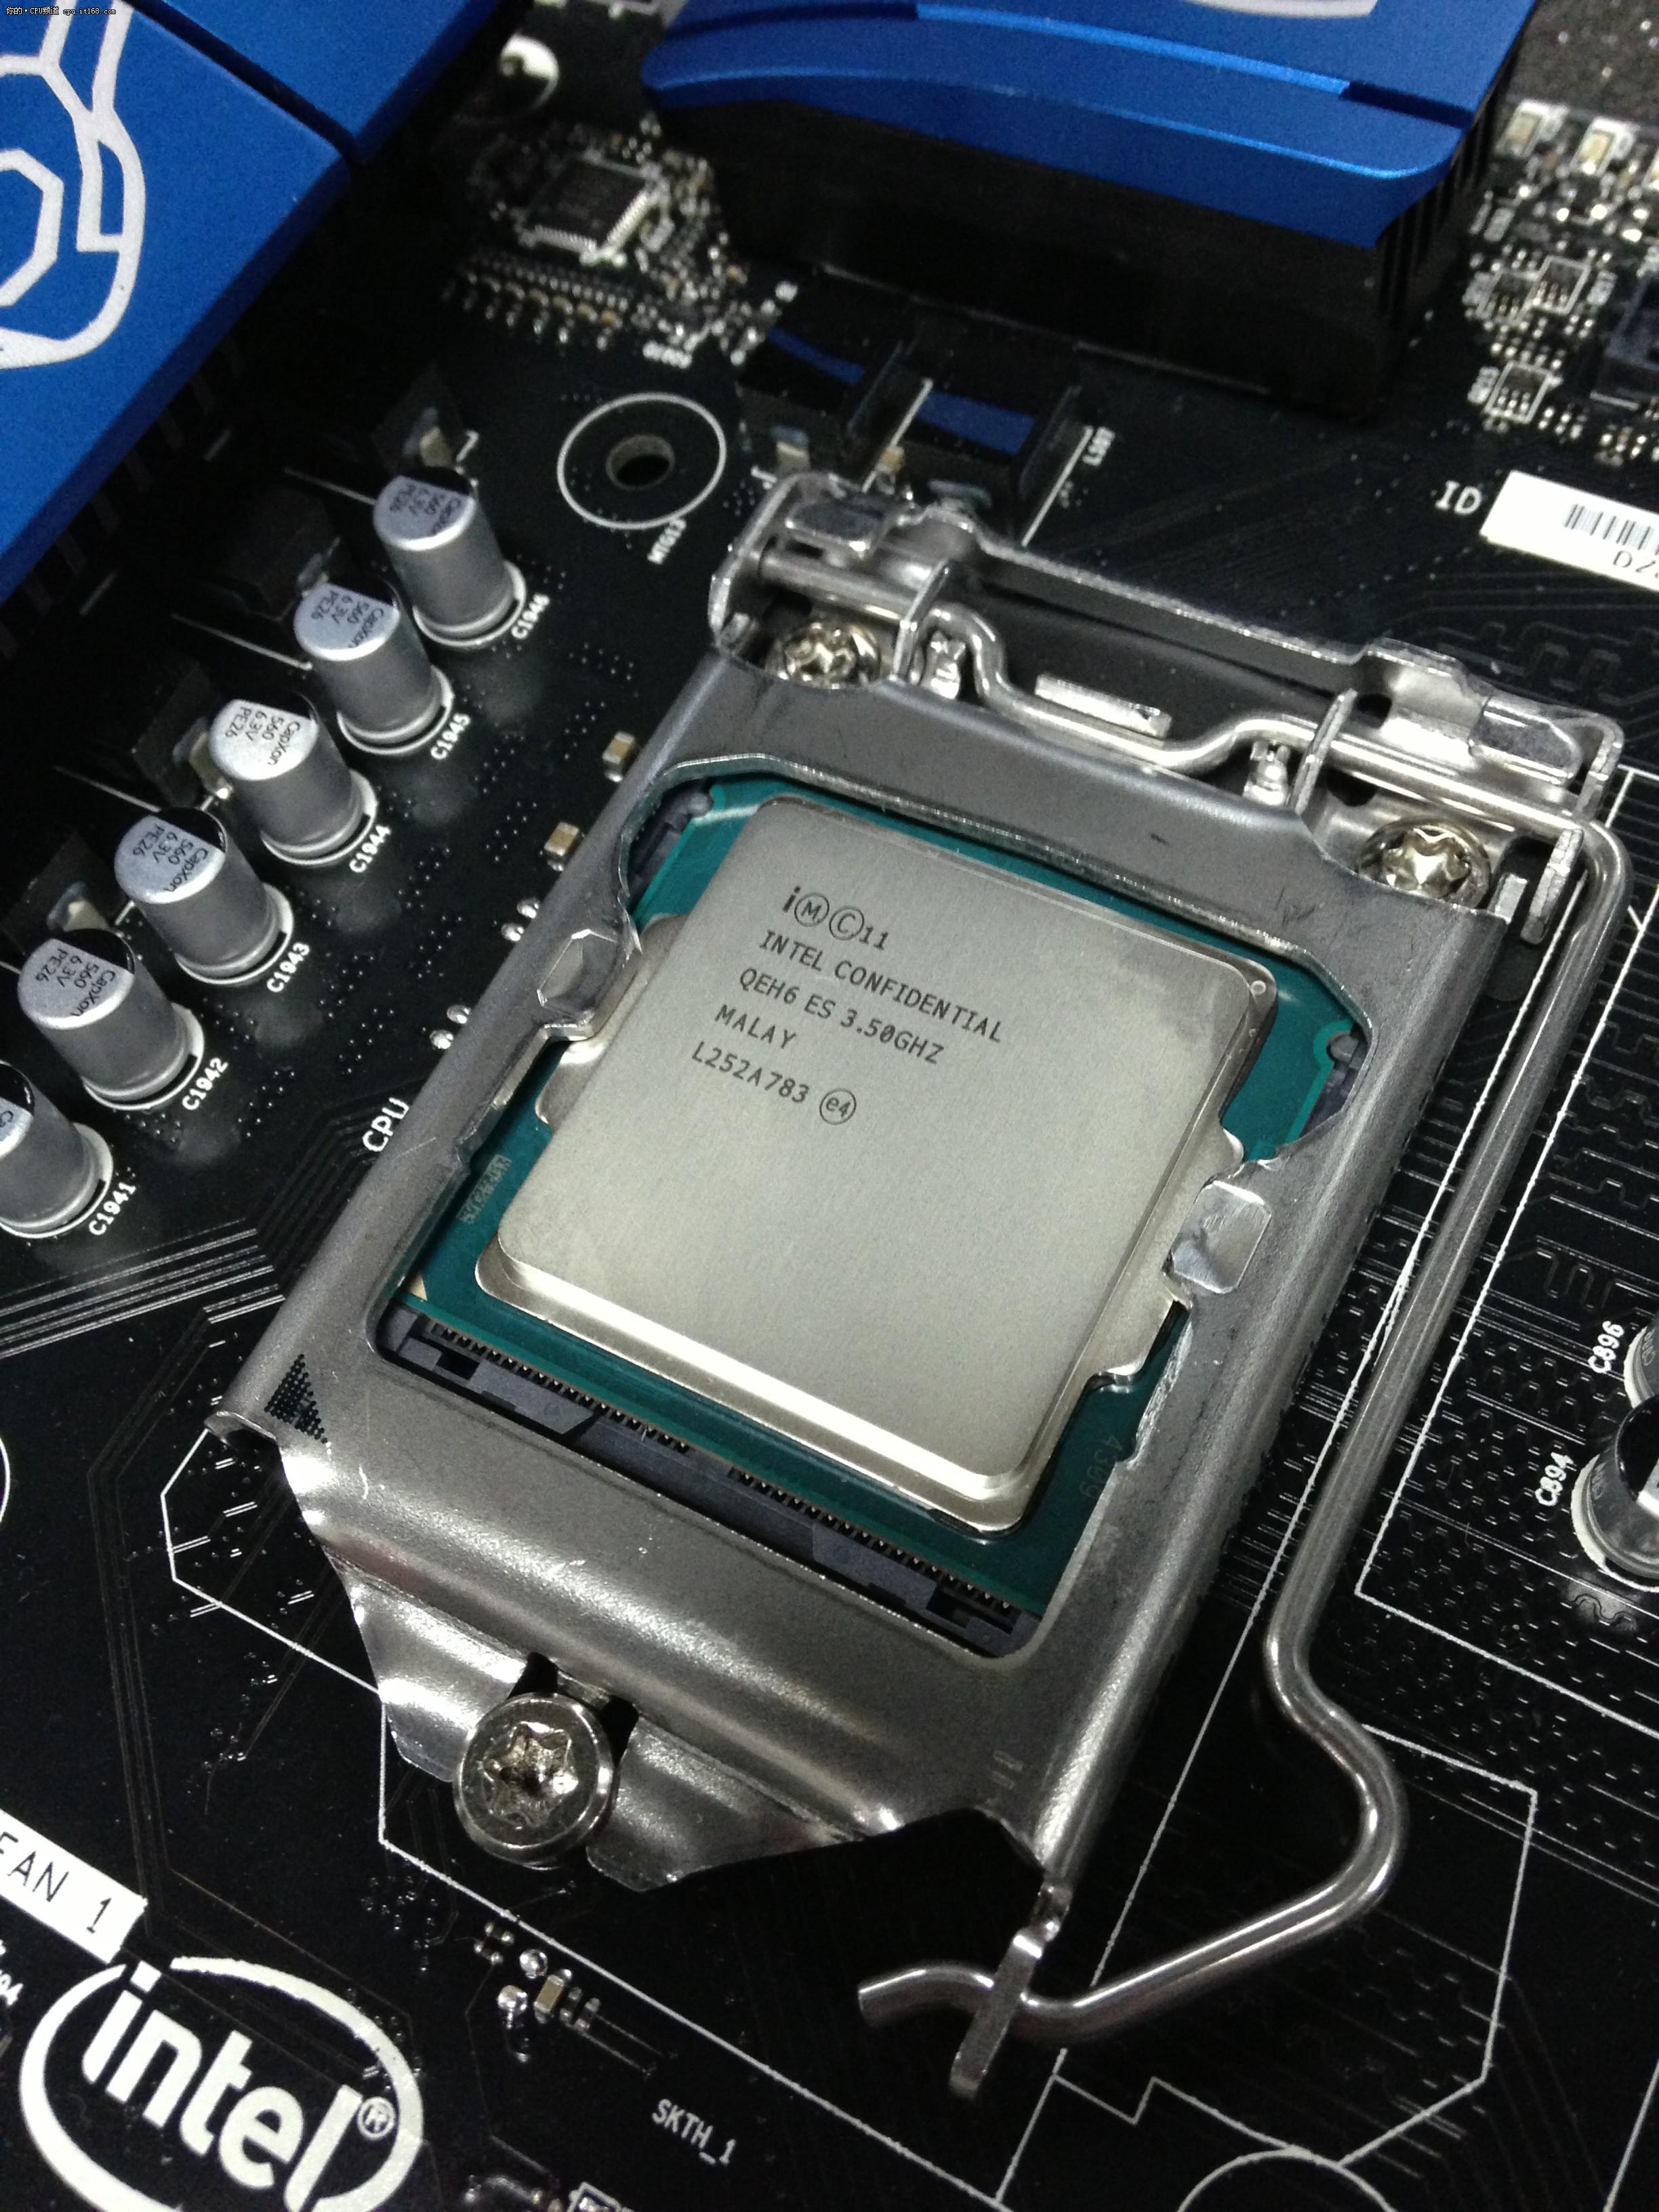 【图】全新四代酷睿 intel core i7 4770k评测 - cpu